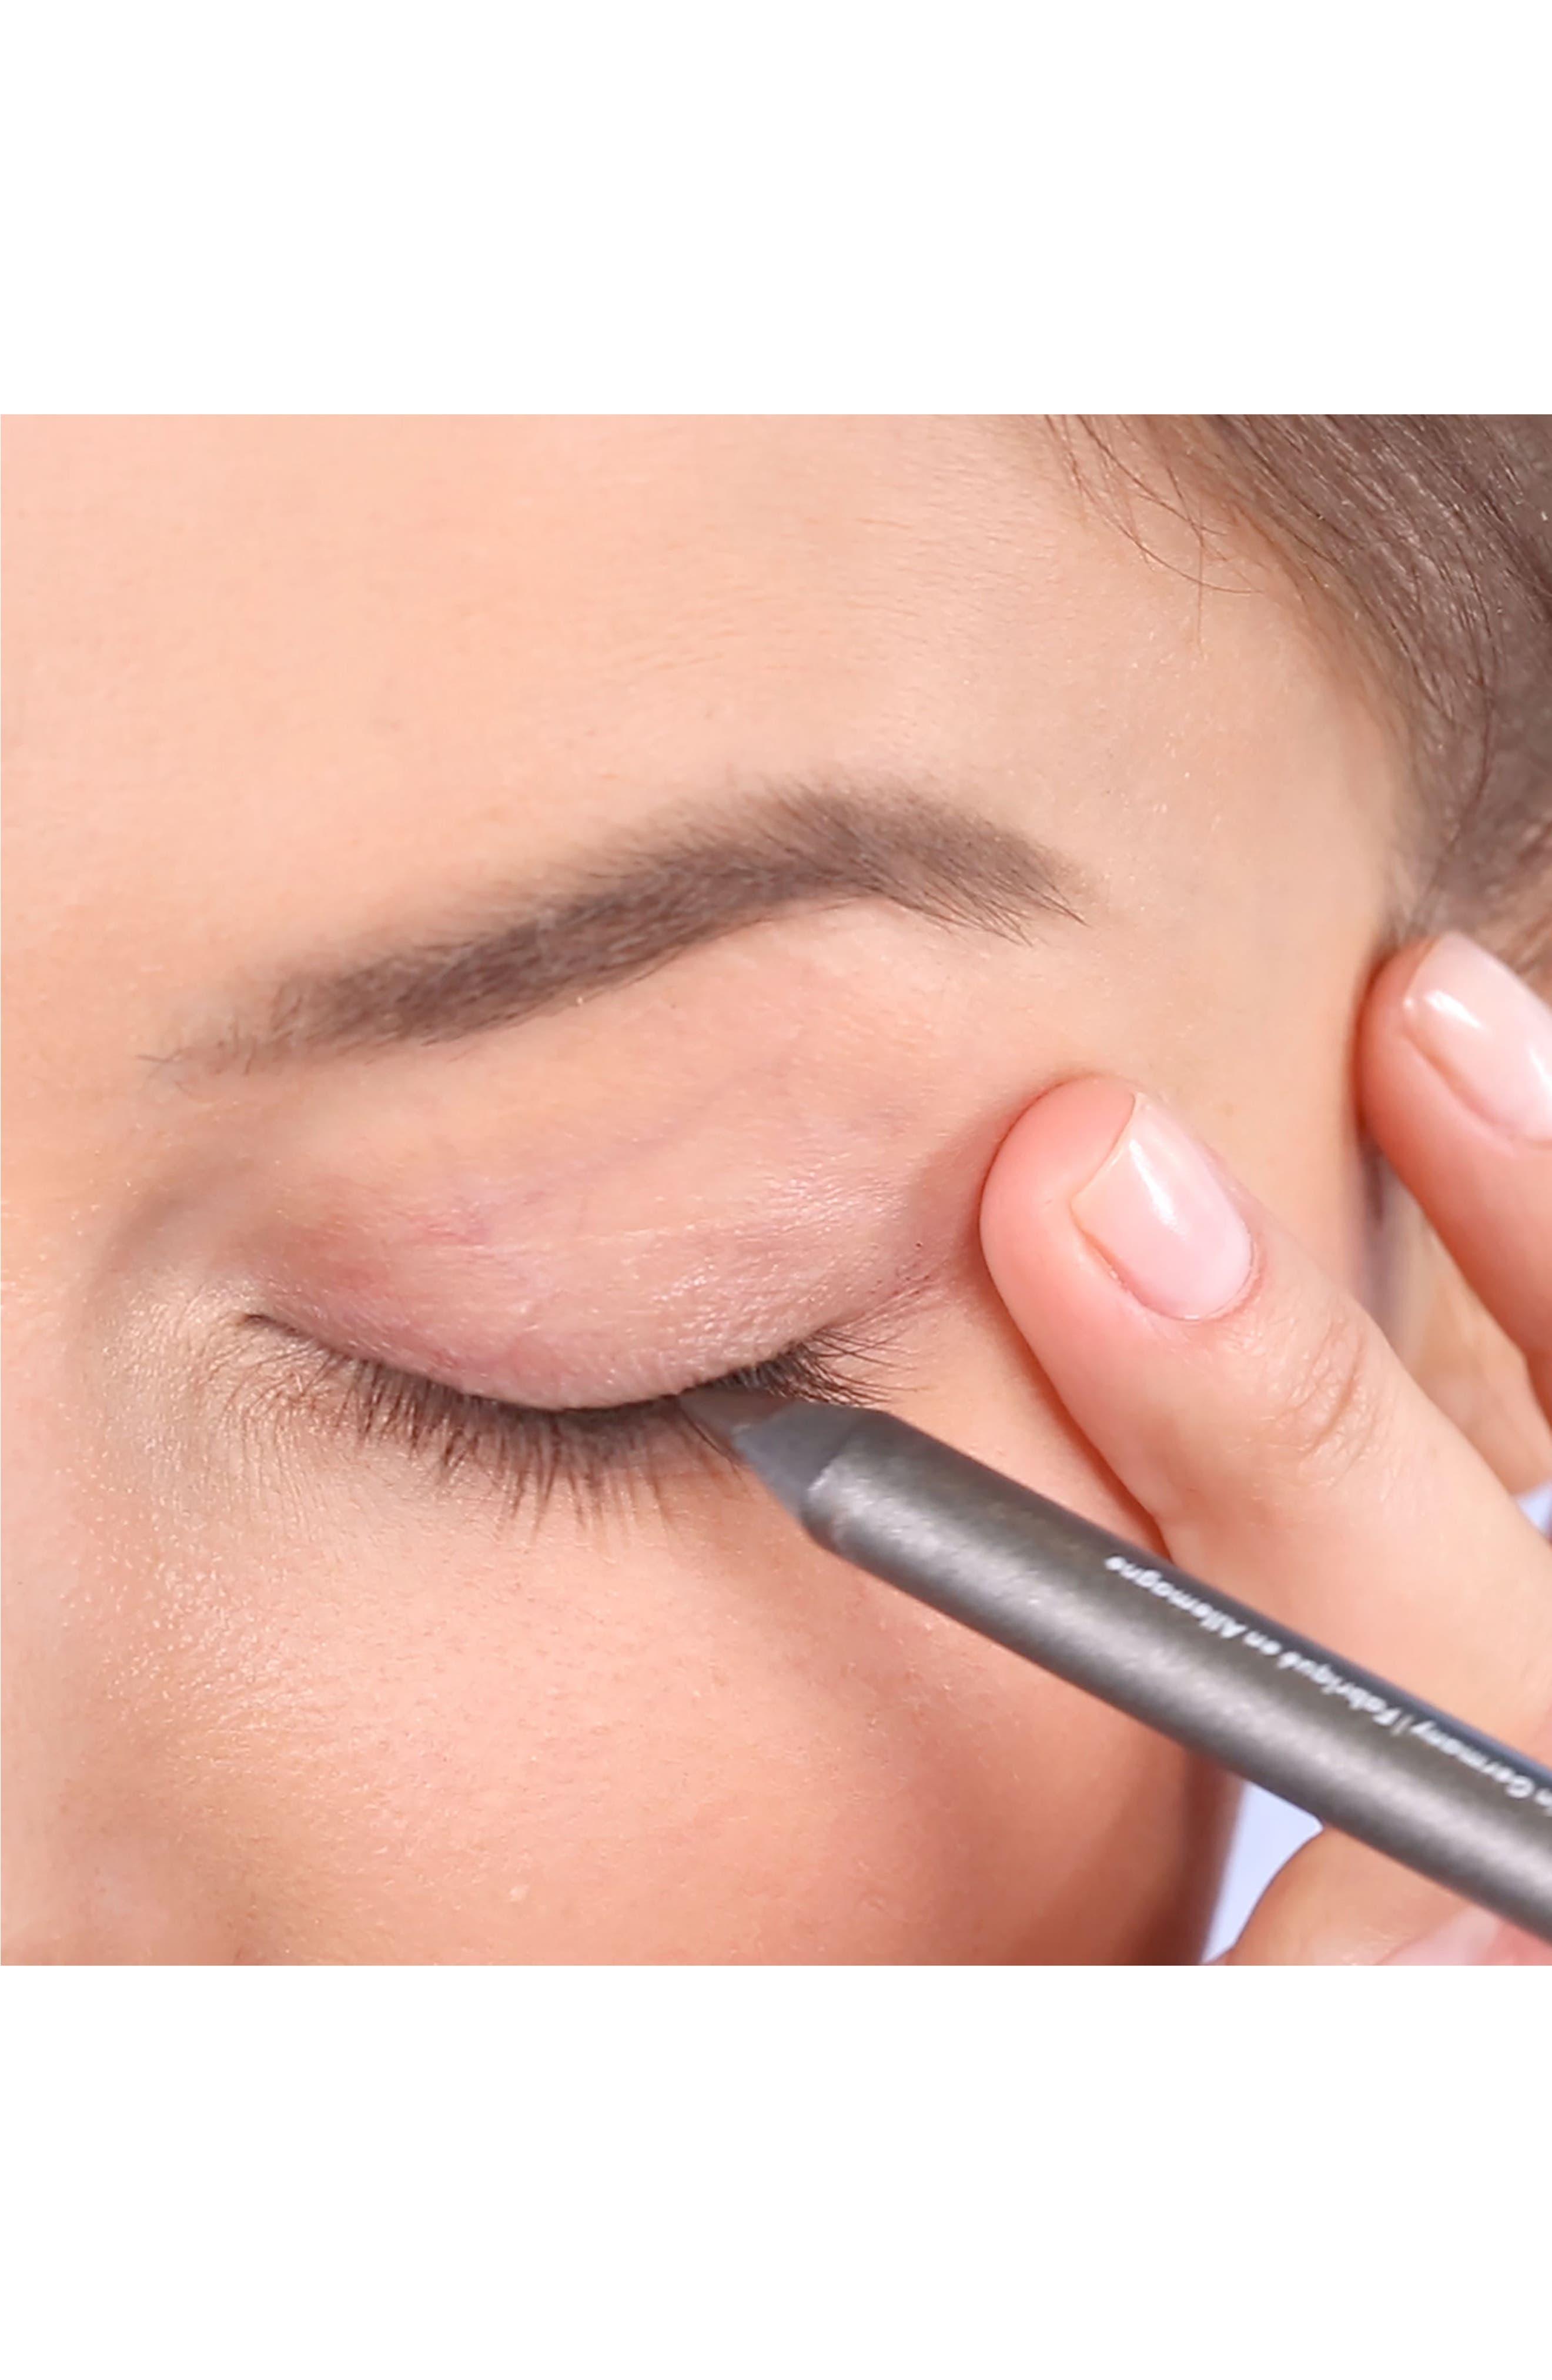 Alternate Image 3  - Julep™ When Pencil Met Gel Long-Lasting Eyeliner